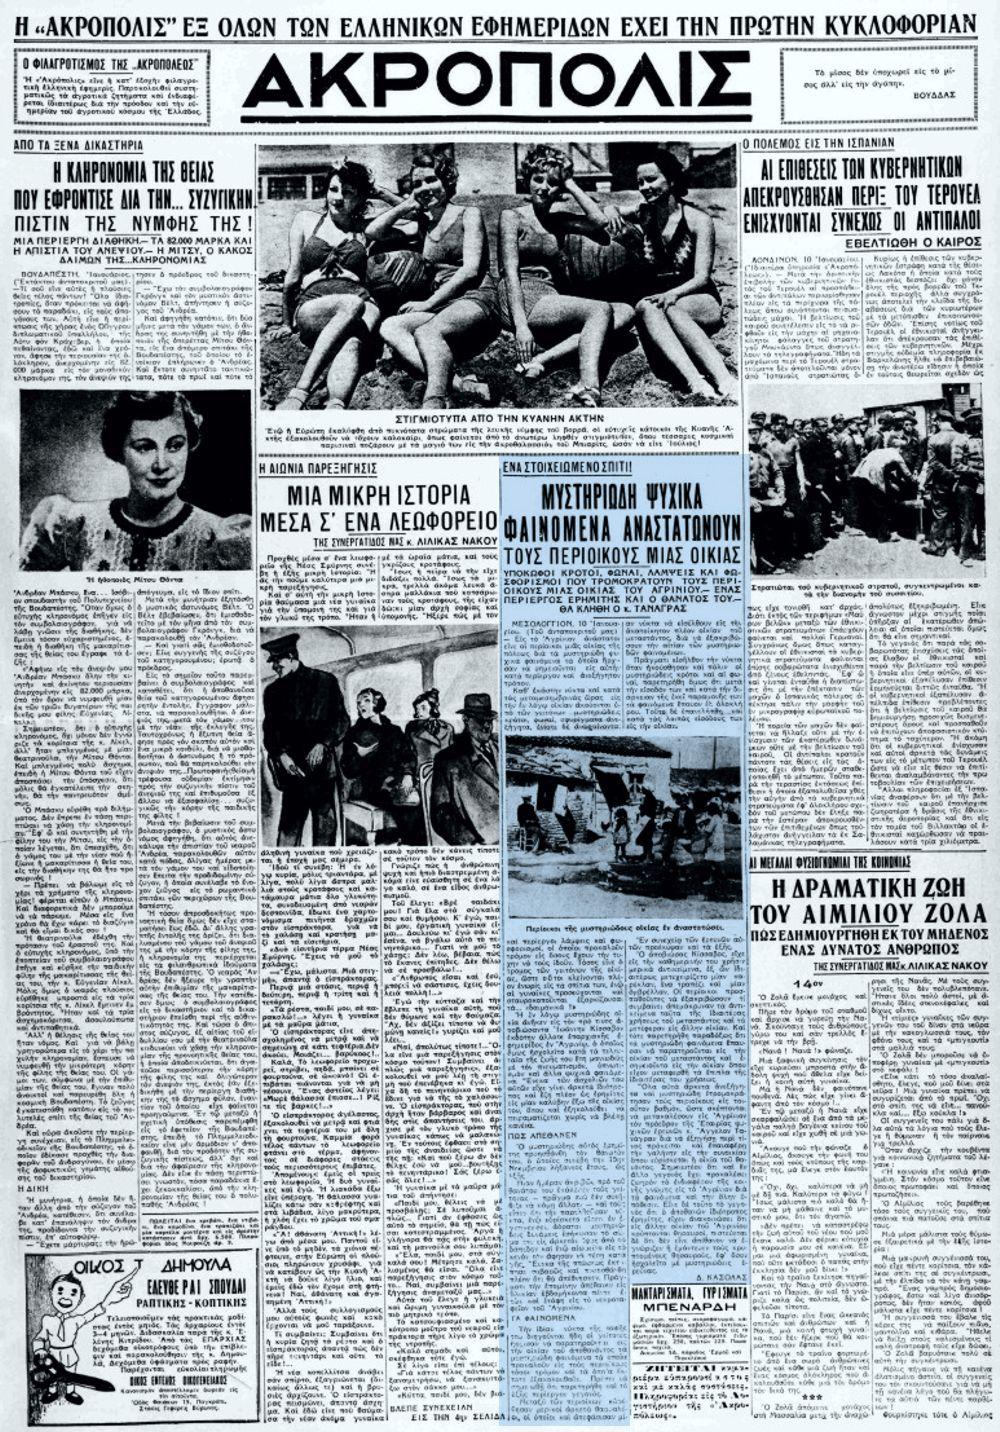 """Το άρθρο, όπως δημοσιεύθηκε στην εφημερίδα """"ΑΚΡΟΠΟΛΙΣ"""", στις 11/01/1938"""